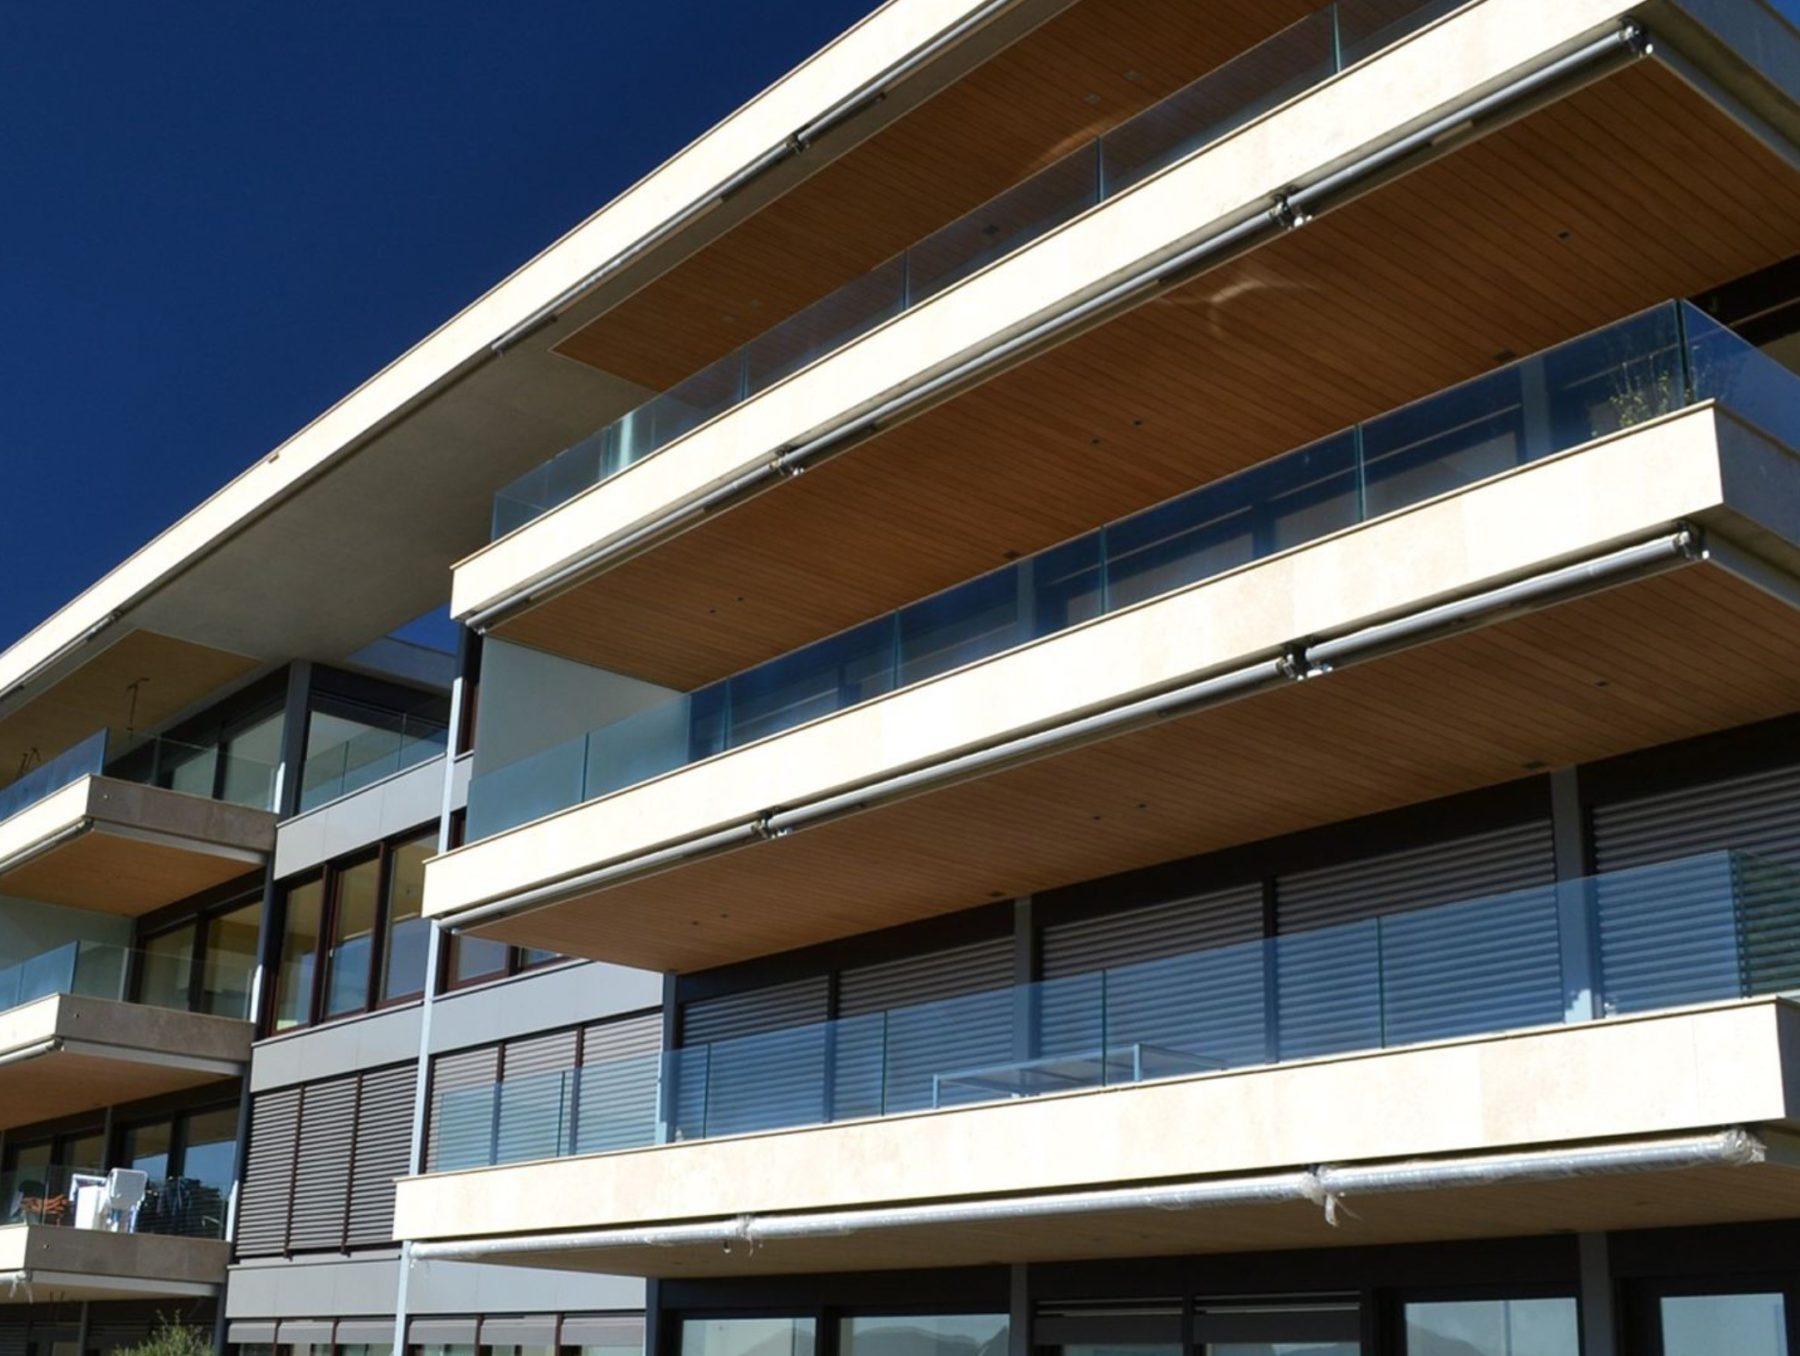 Controsoffitti esterni terrazze per residenza a Lugano